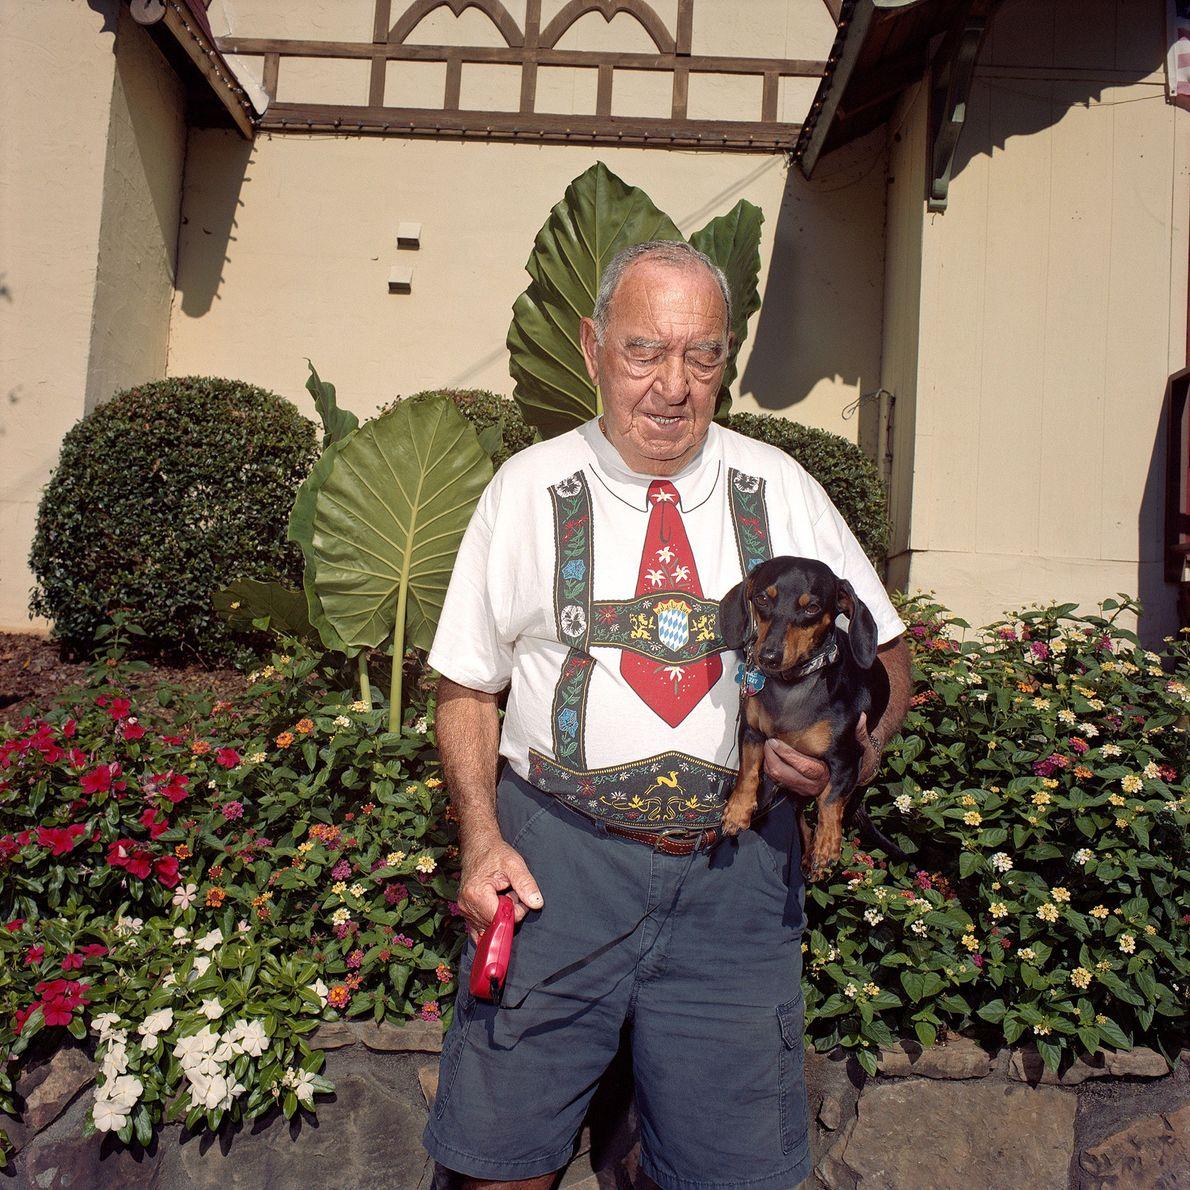 Mann mit  Shirt mit Lederhosenprint